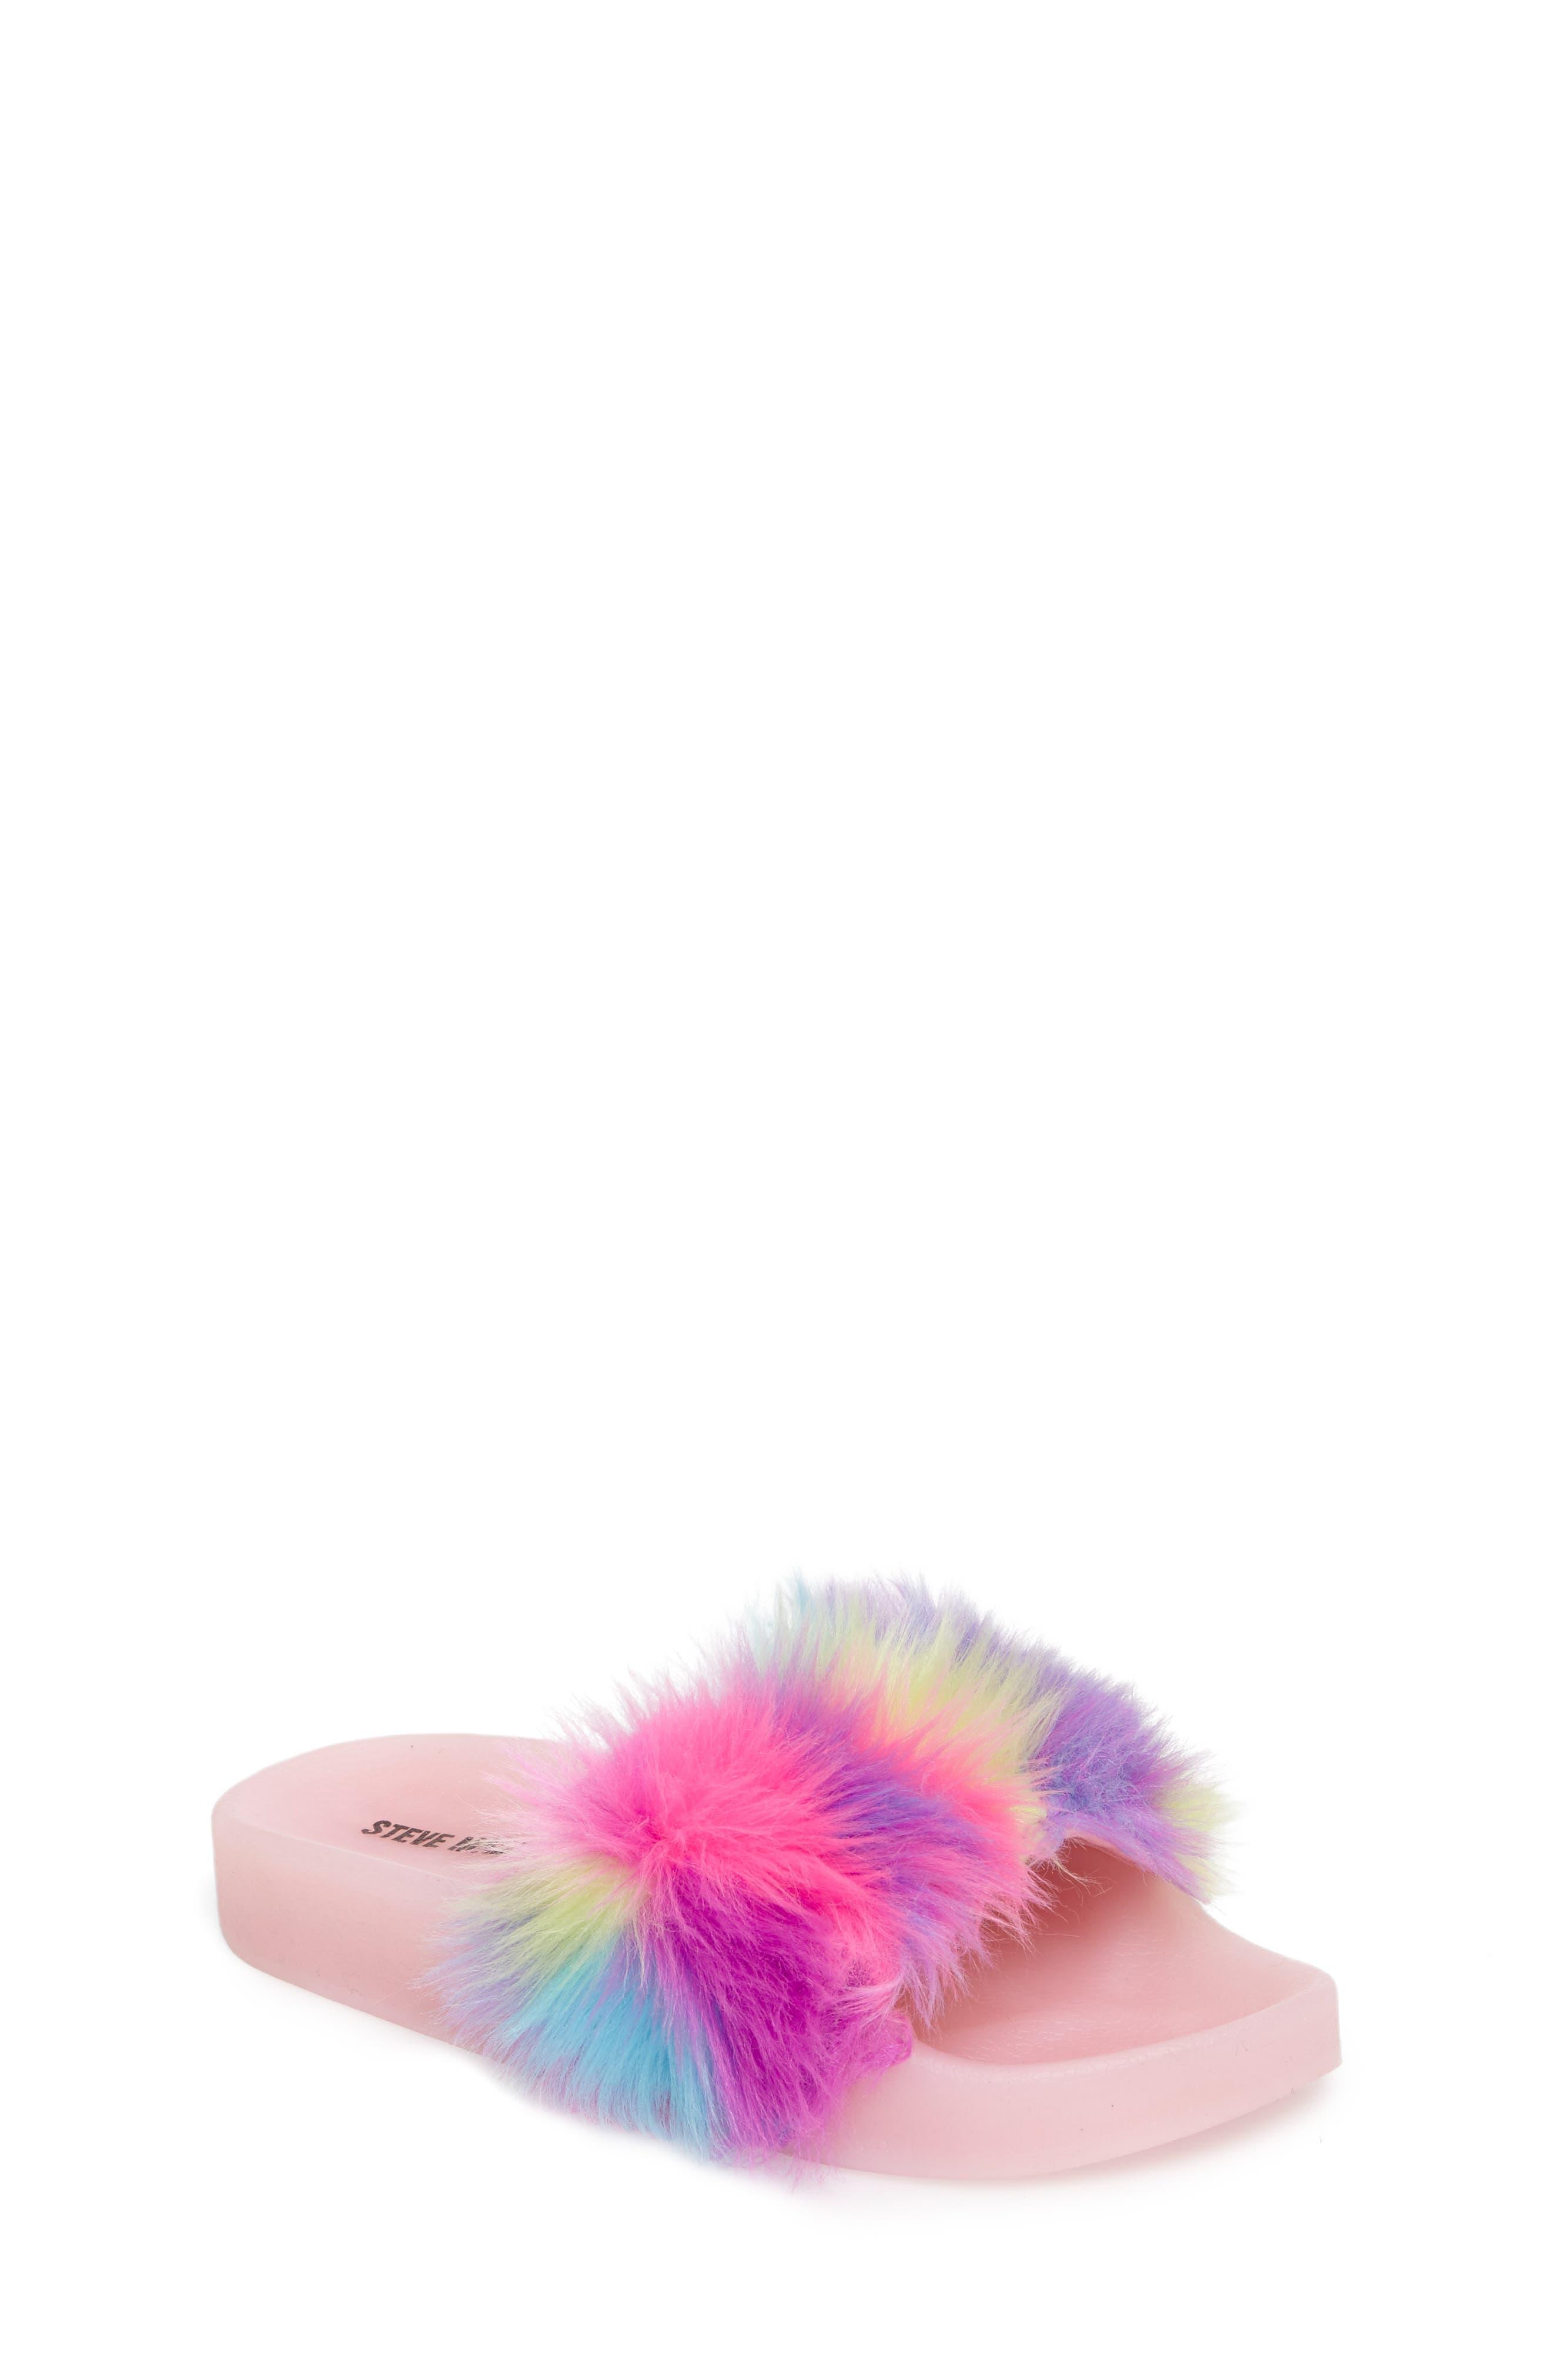 Jlights Faux Fur Light-Up Slide Sandal,                             Main thumbnail 1, color,                             Multi